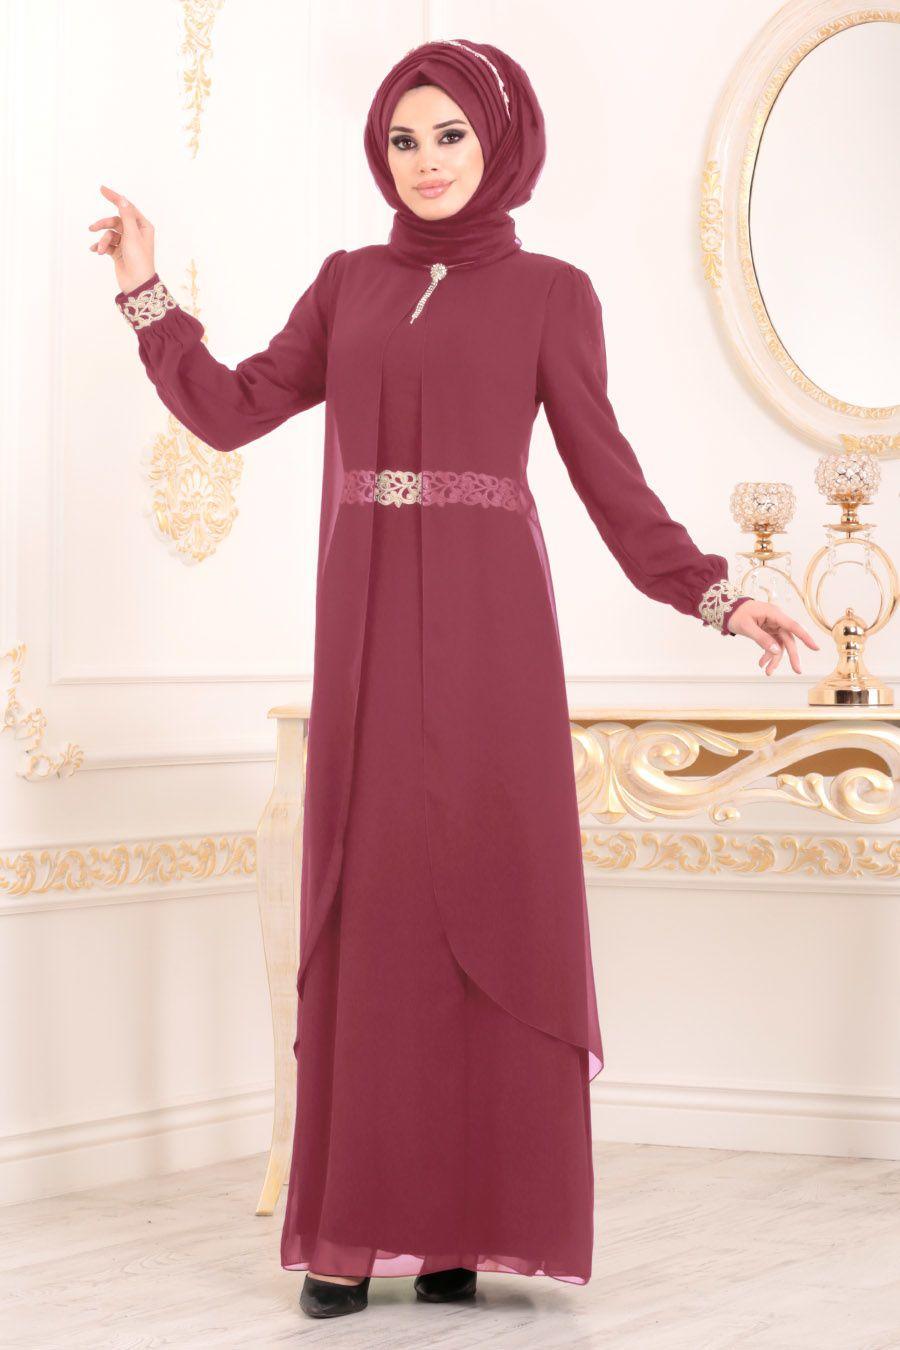 b298a83cb0296 Nayla Collection - Dantel Detaylı Tüllü Gül Kurusu Tesettür Abiye Elbise  95843GK